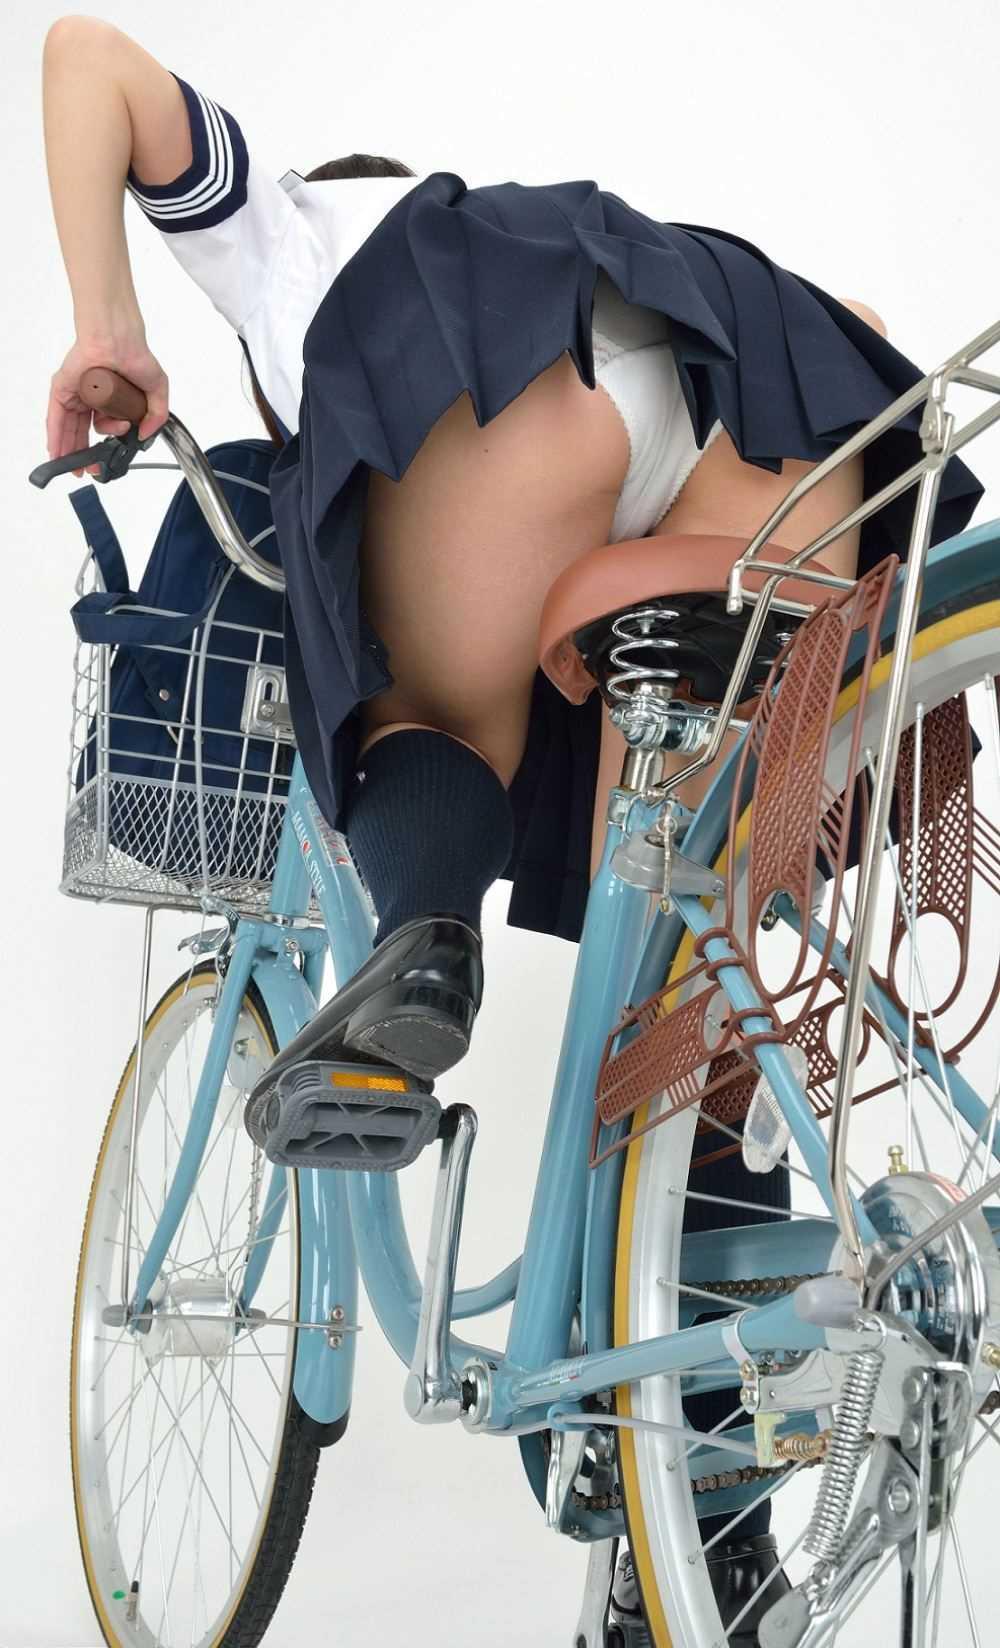 【画像】自転車に乗るJKの太ももをローアングルで覗いてみた画像を晒してくwwwwwwwwwwww・30枚目